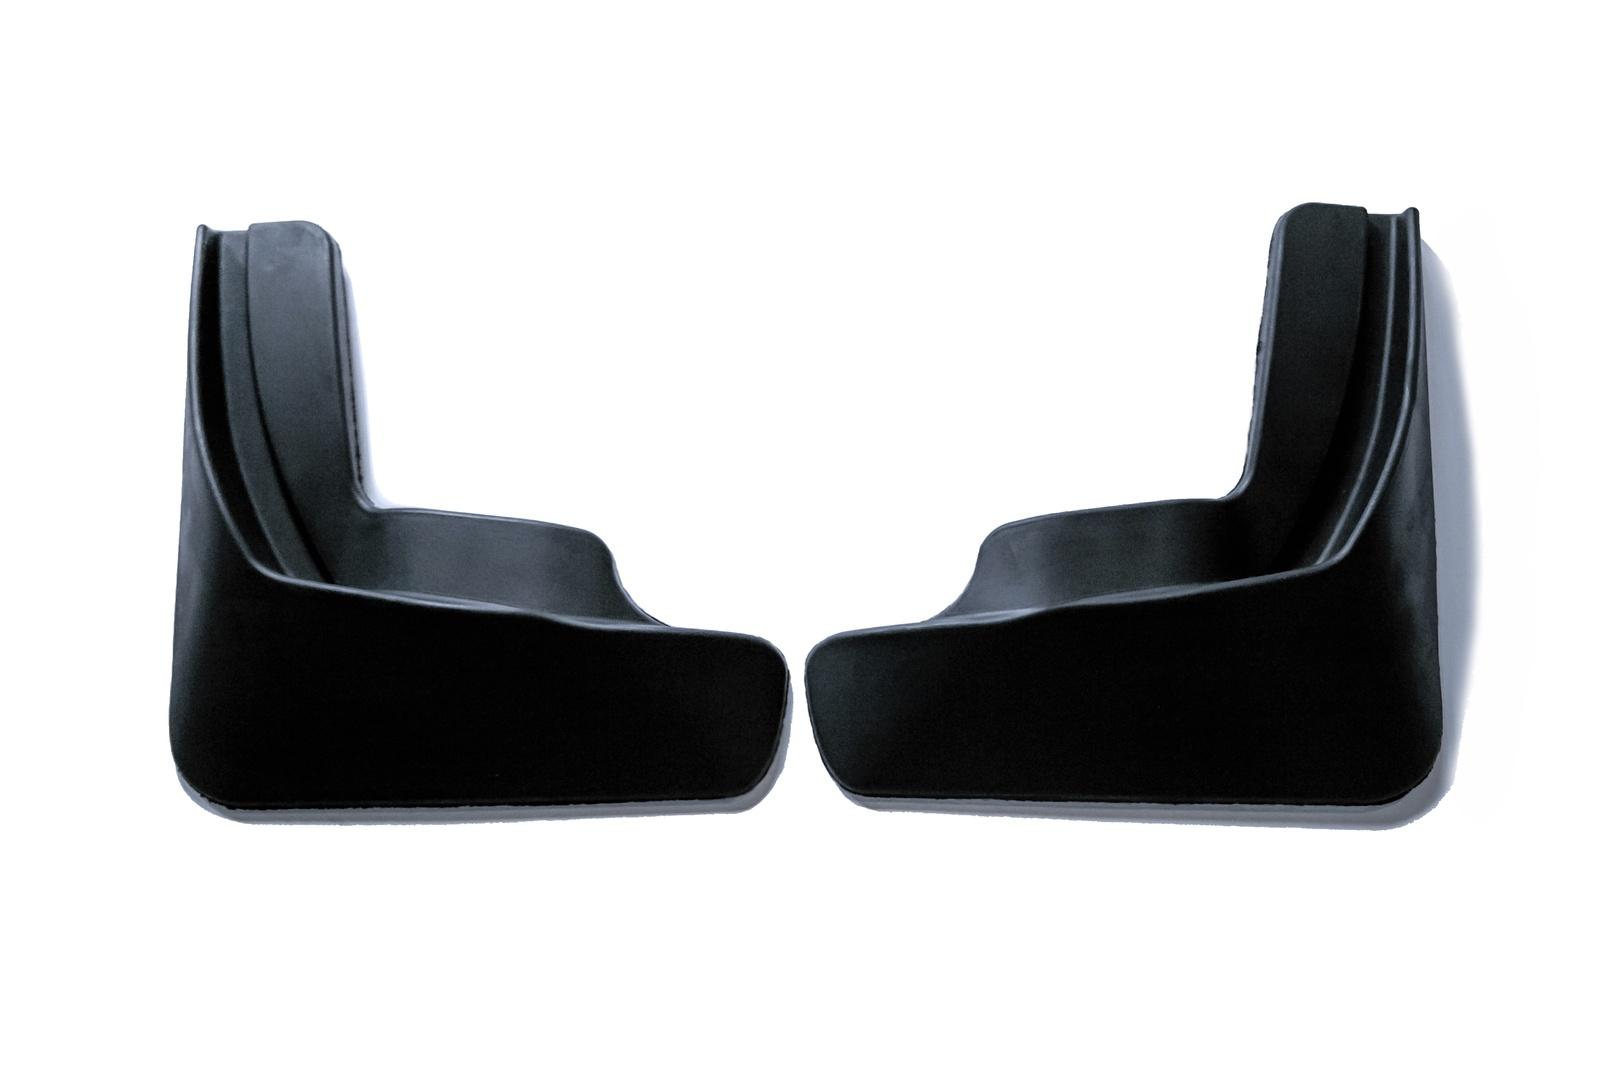 Брызговики резиновые для Volkswagen Jetta VI (2011-2015) Задние брызговики задние без расширителей 22922767 для chevrolet tahoe iv 2015